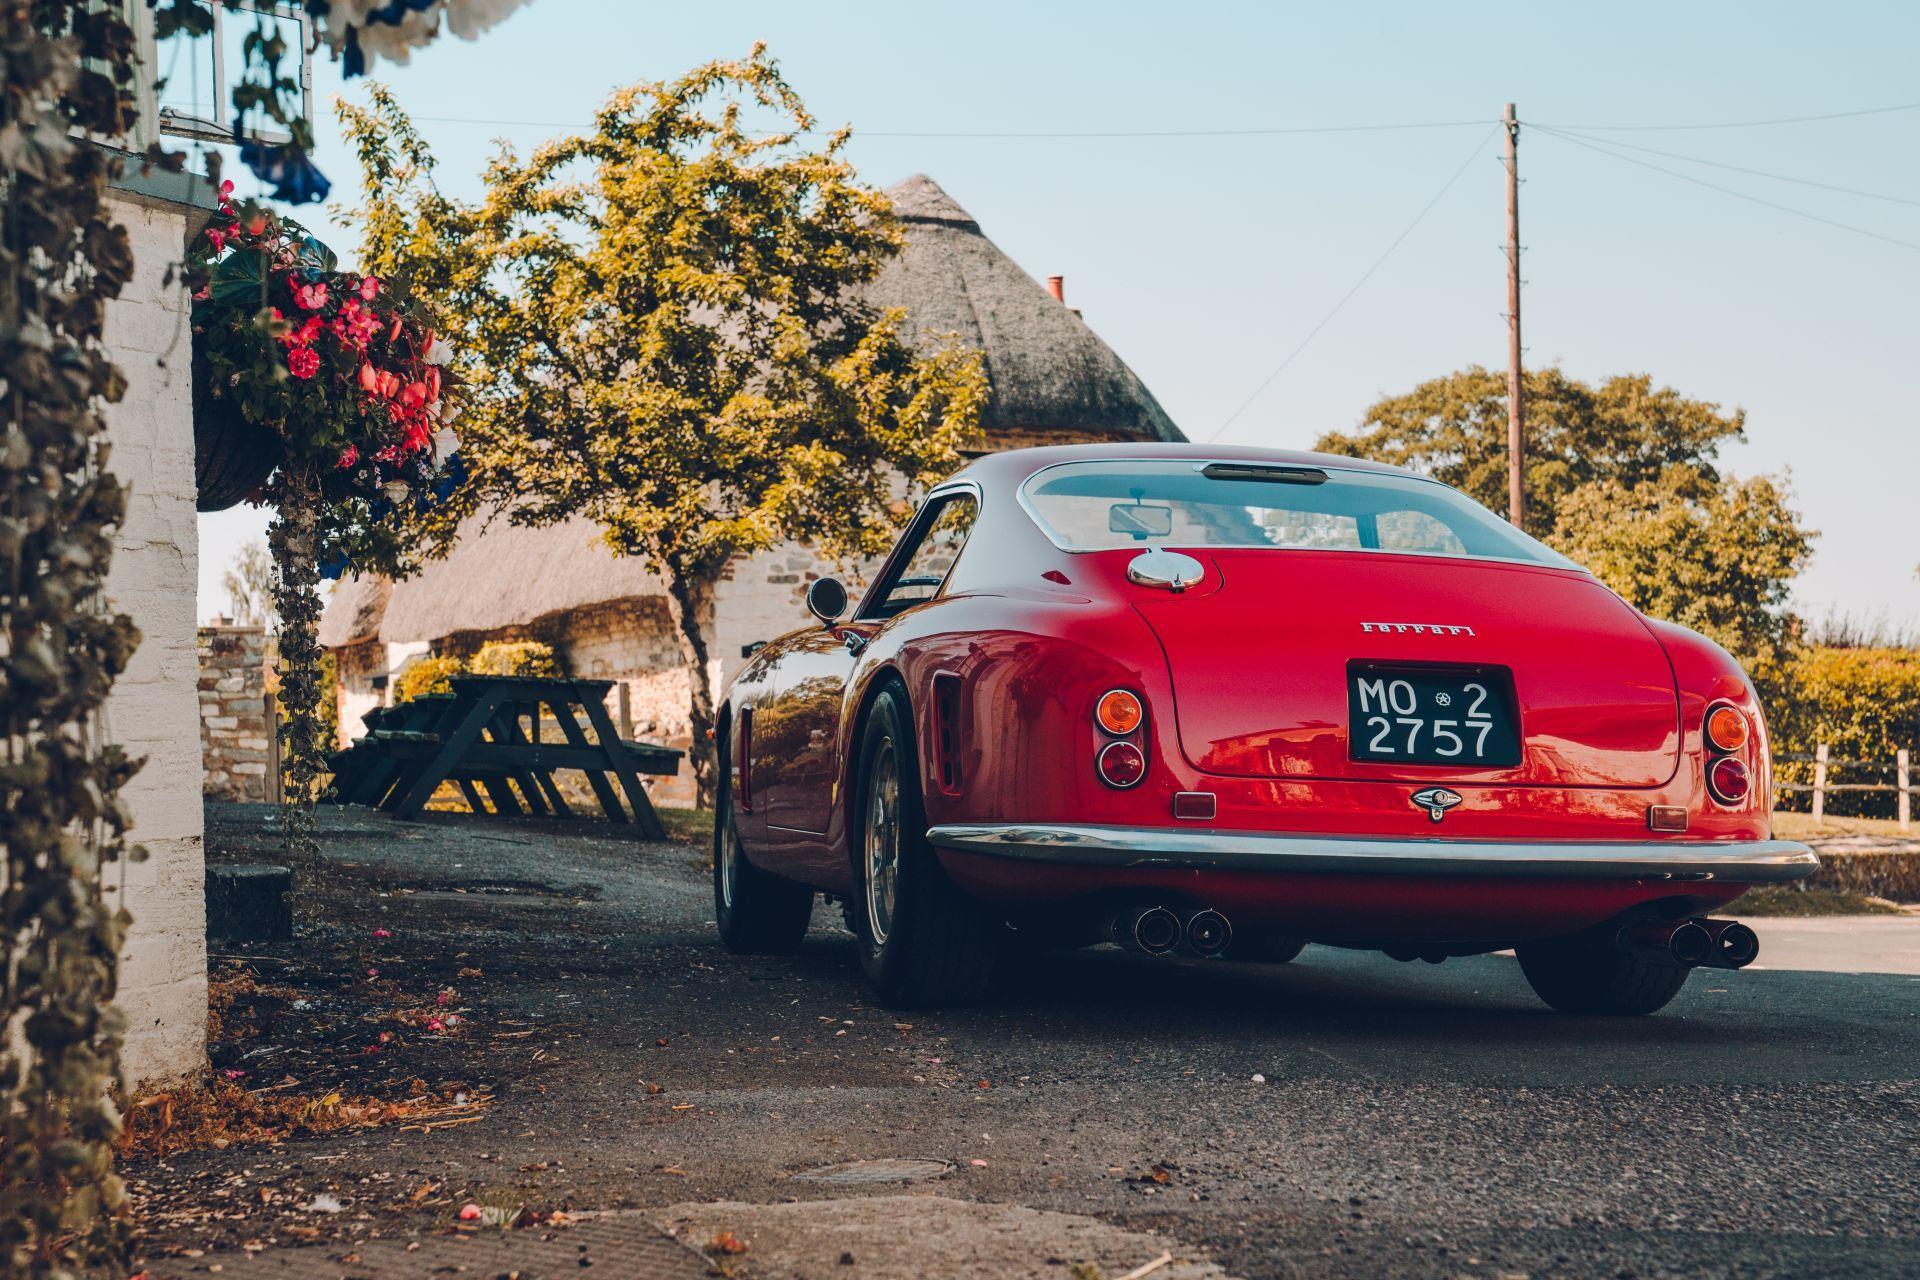 Ferrari-250-GT-SWB-Berlinetta-Competizione-Revival-by-GTO-Engineering-25